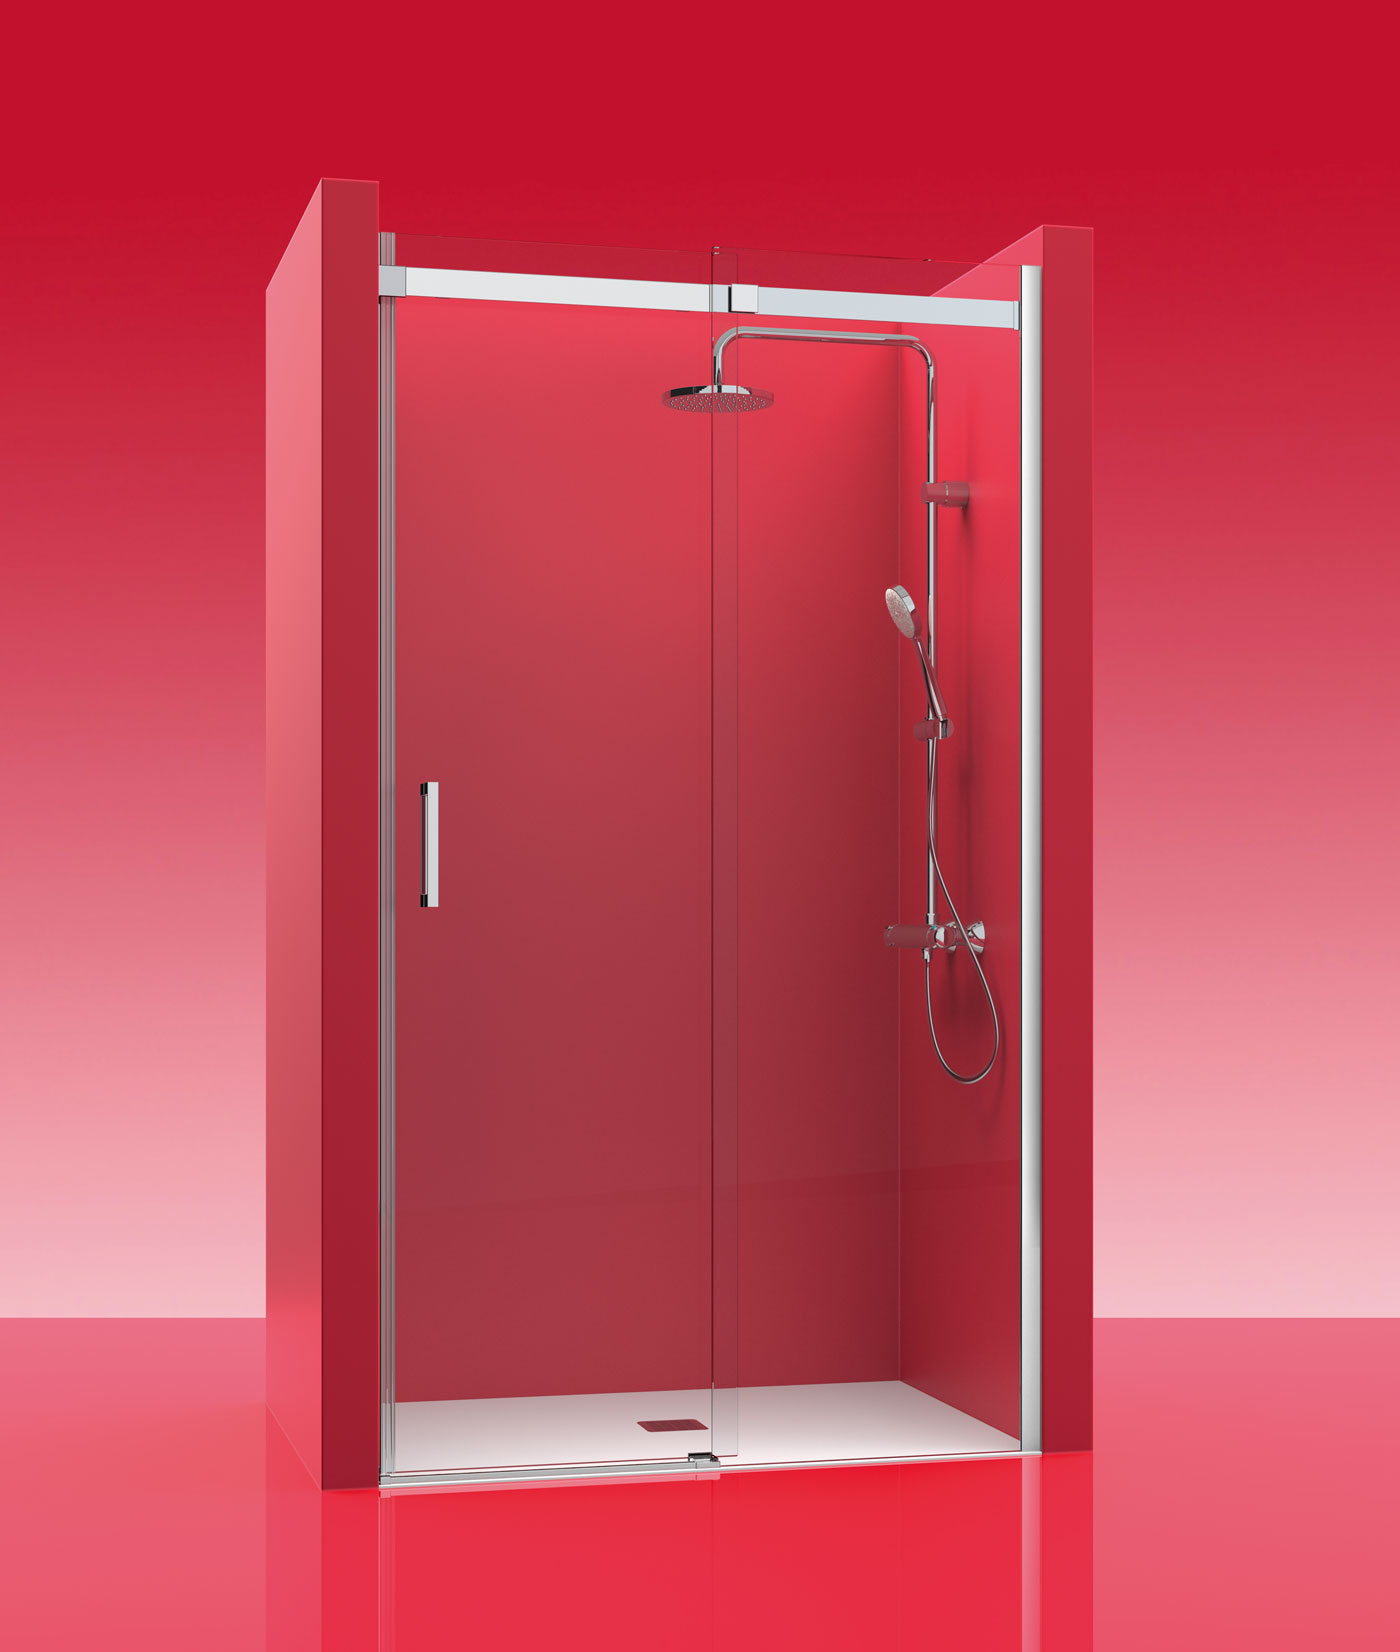 Comprar mamparas de ducha baratas trendy cabinas de ducha - Cabina de ducha barata ...